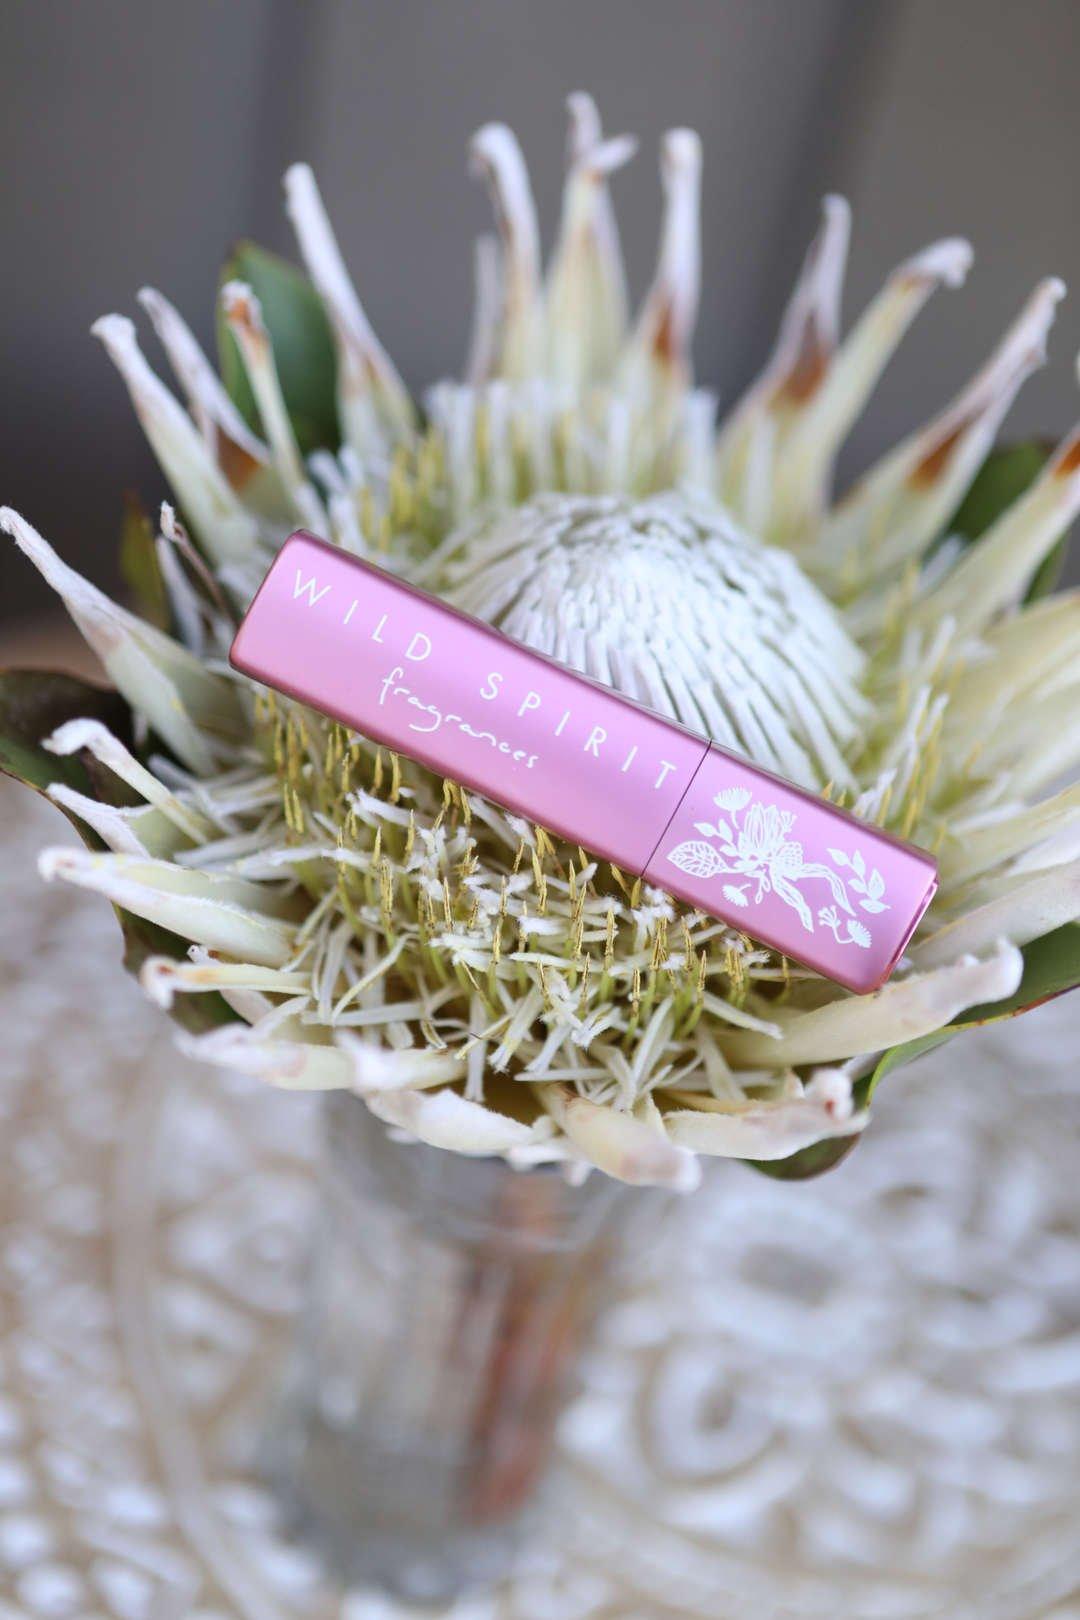 Spring Jasmine Perfume Atomizer